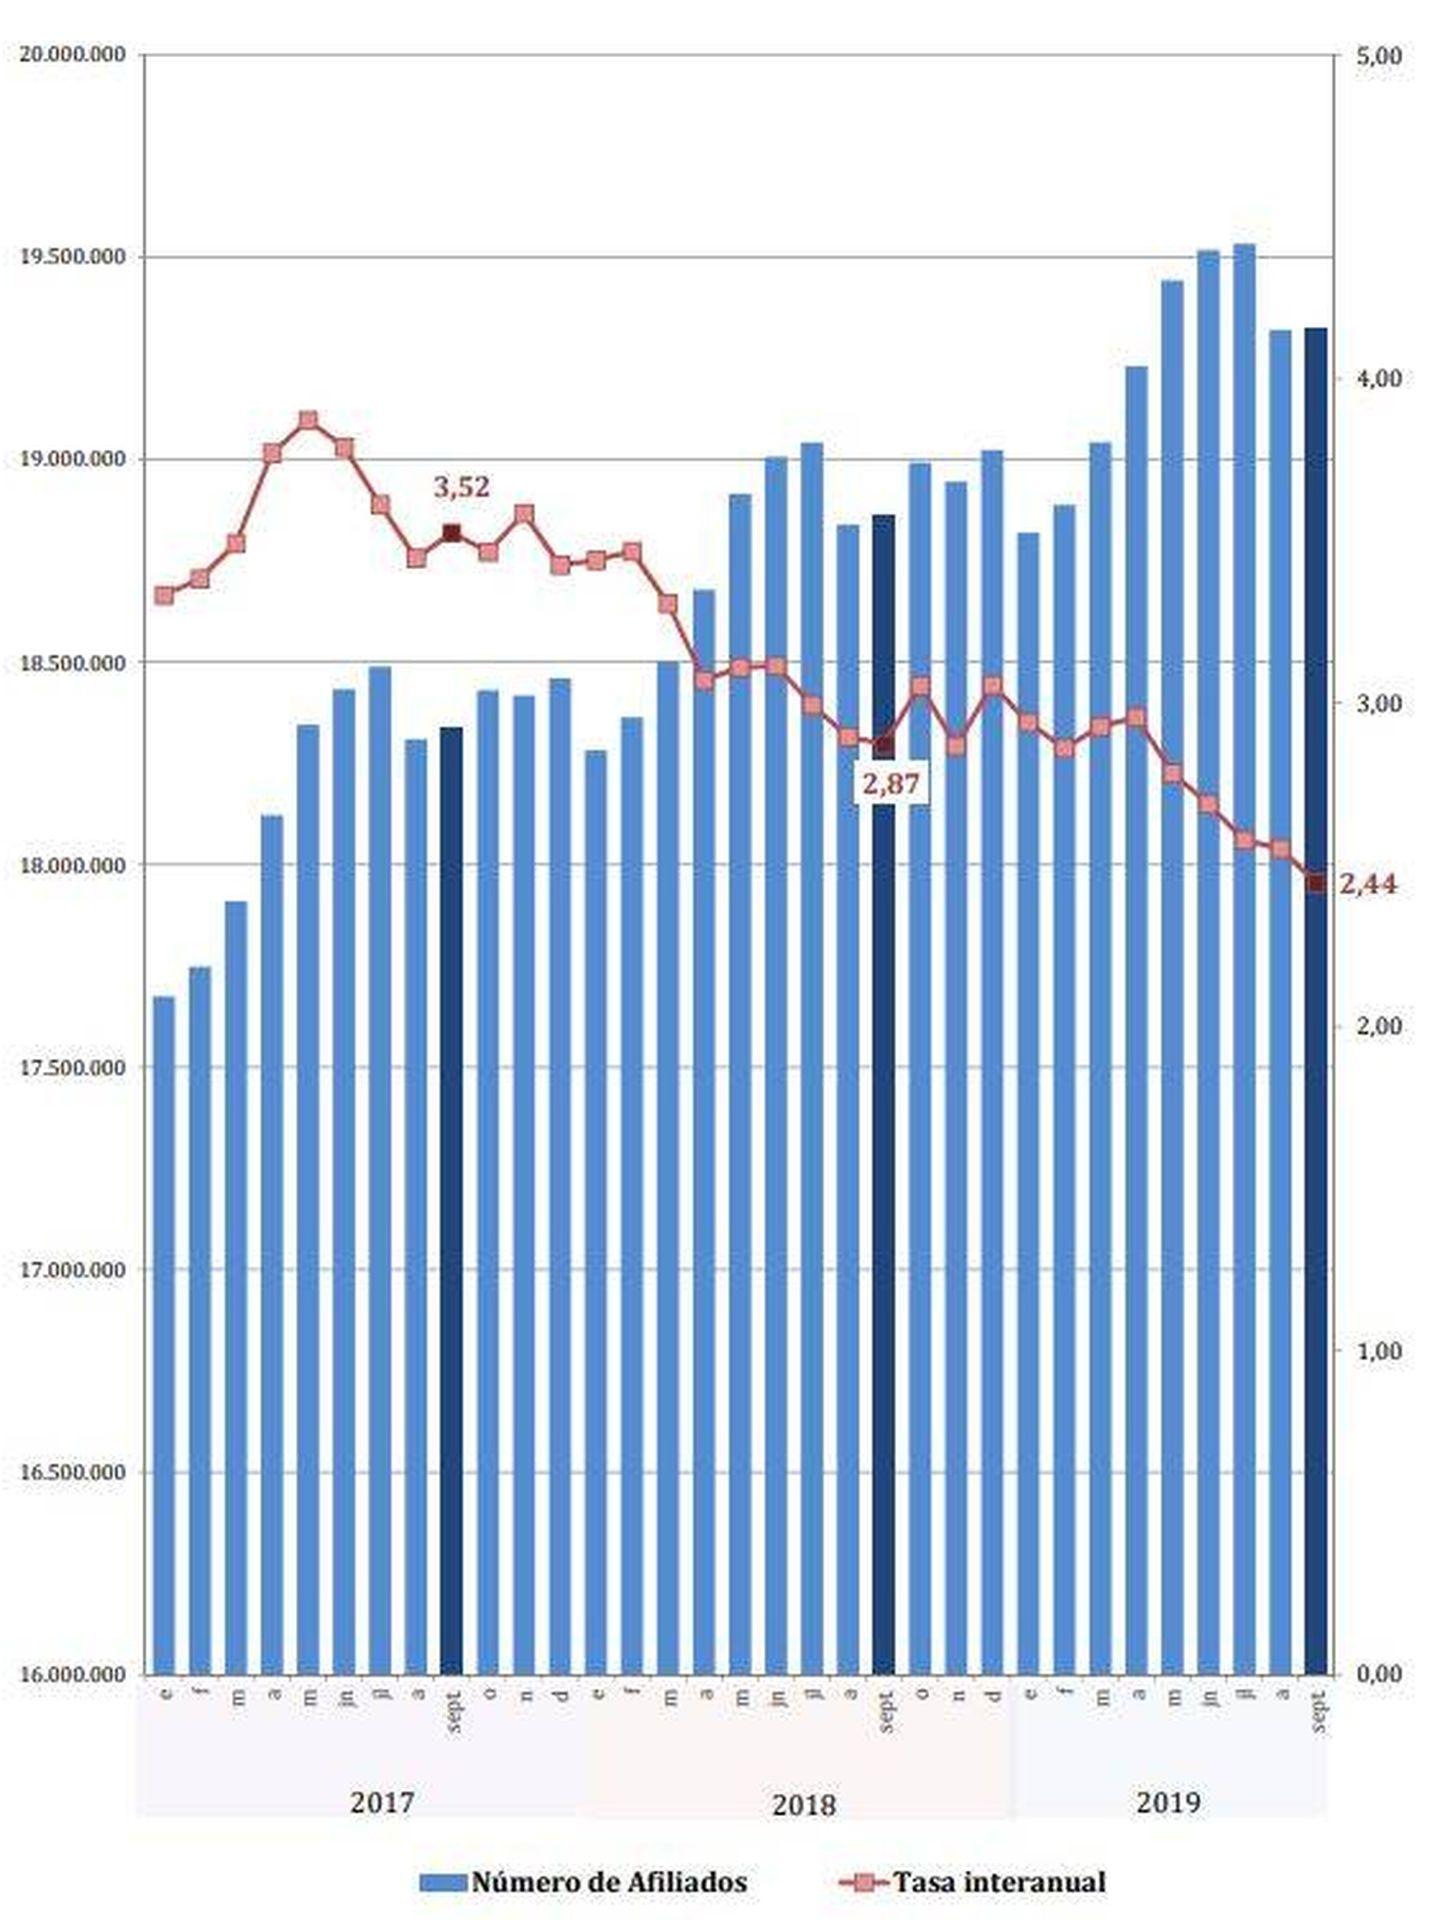 Evolución del número de afiliados y de la tasa interanual